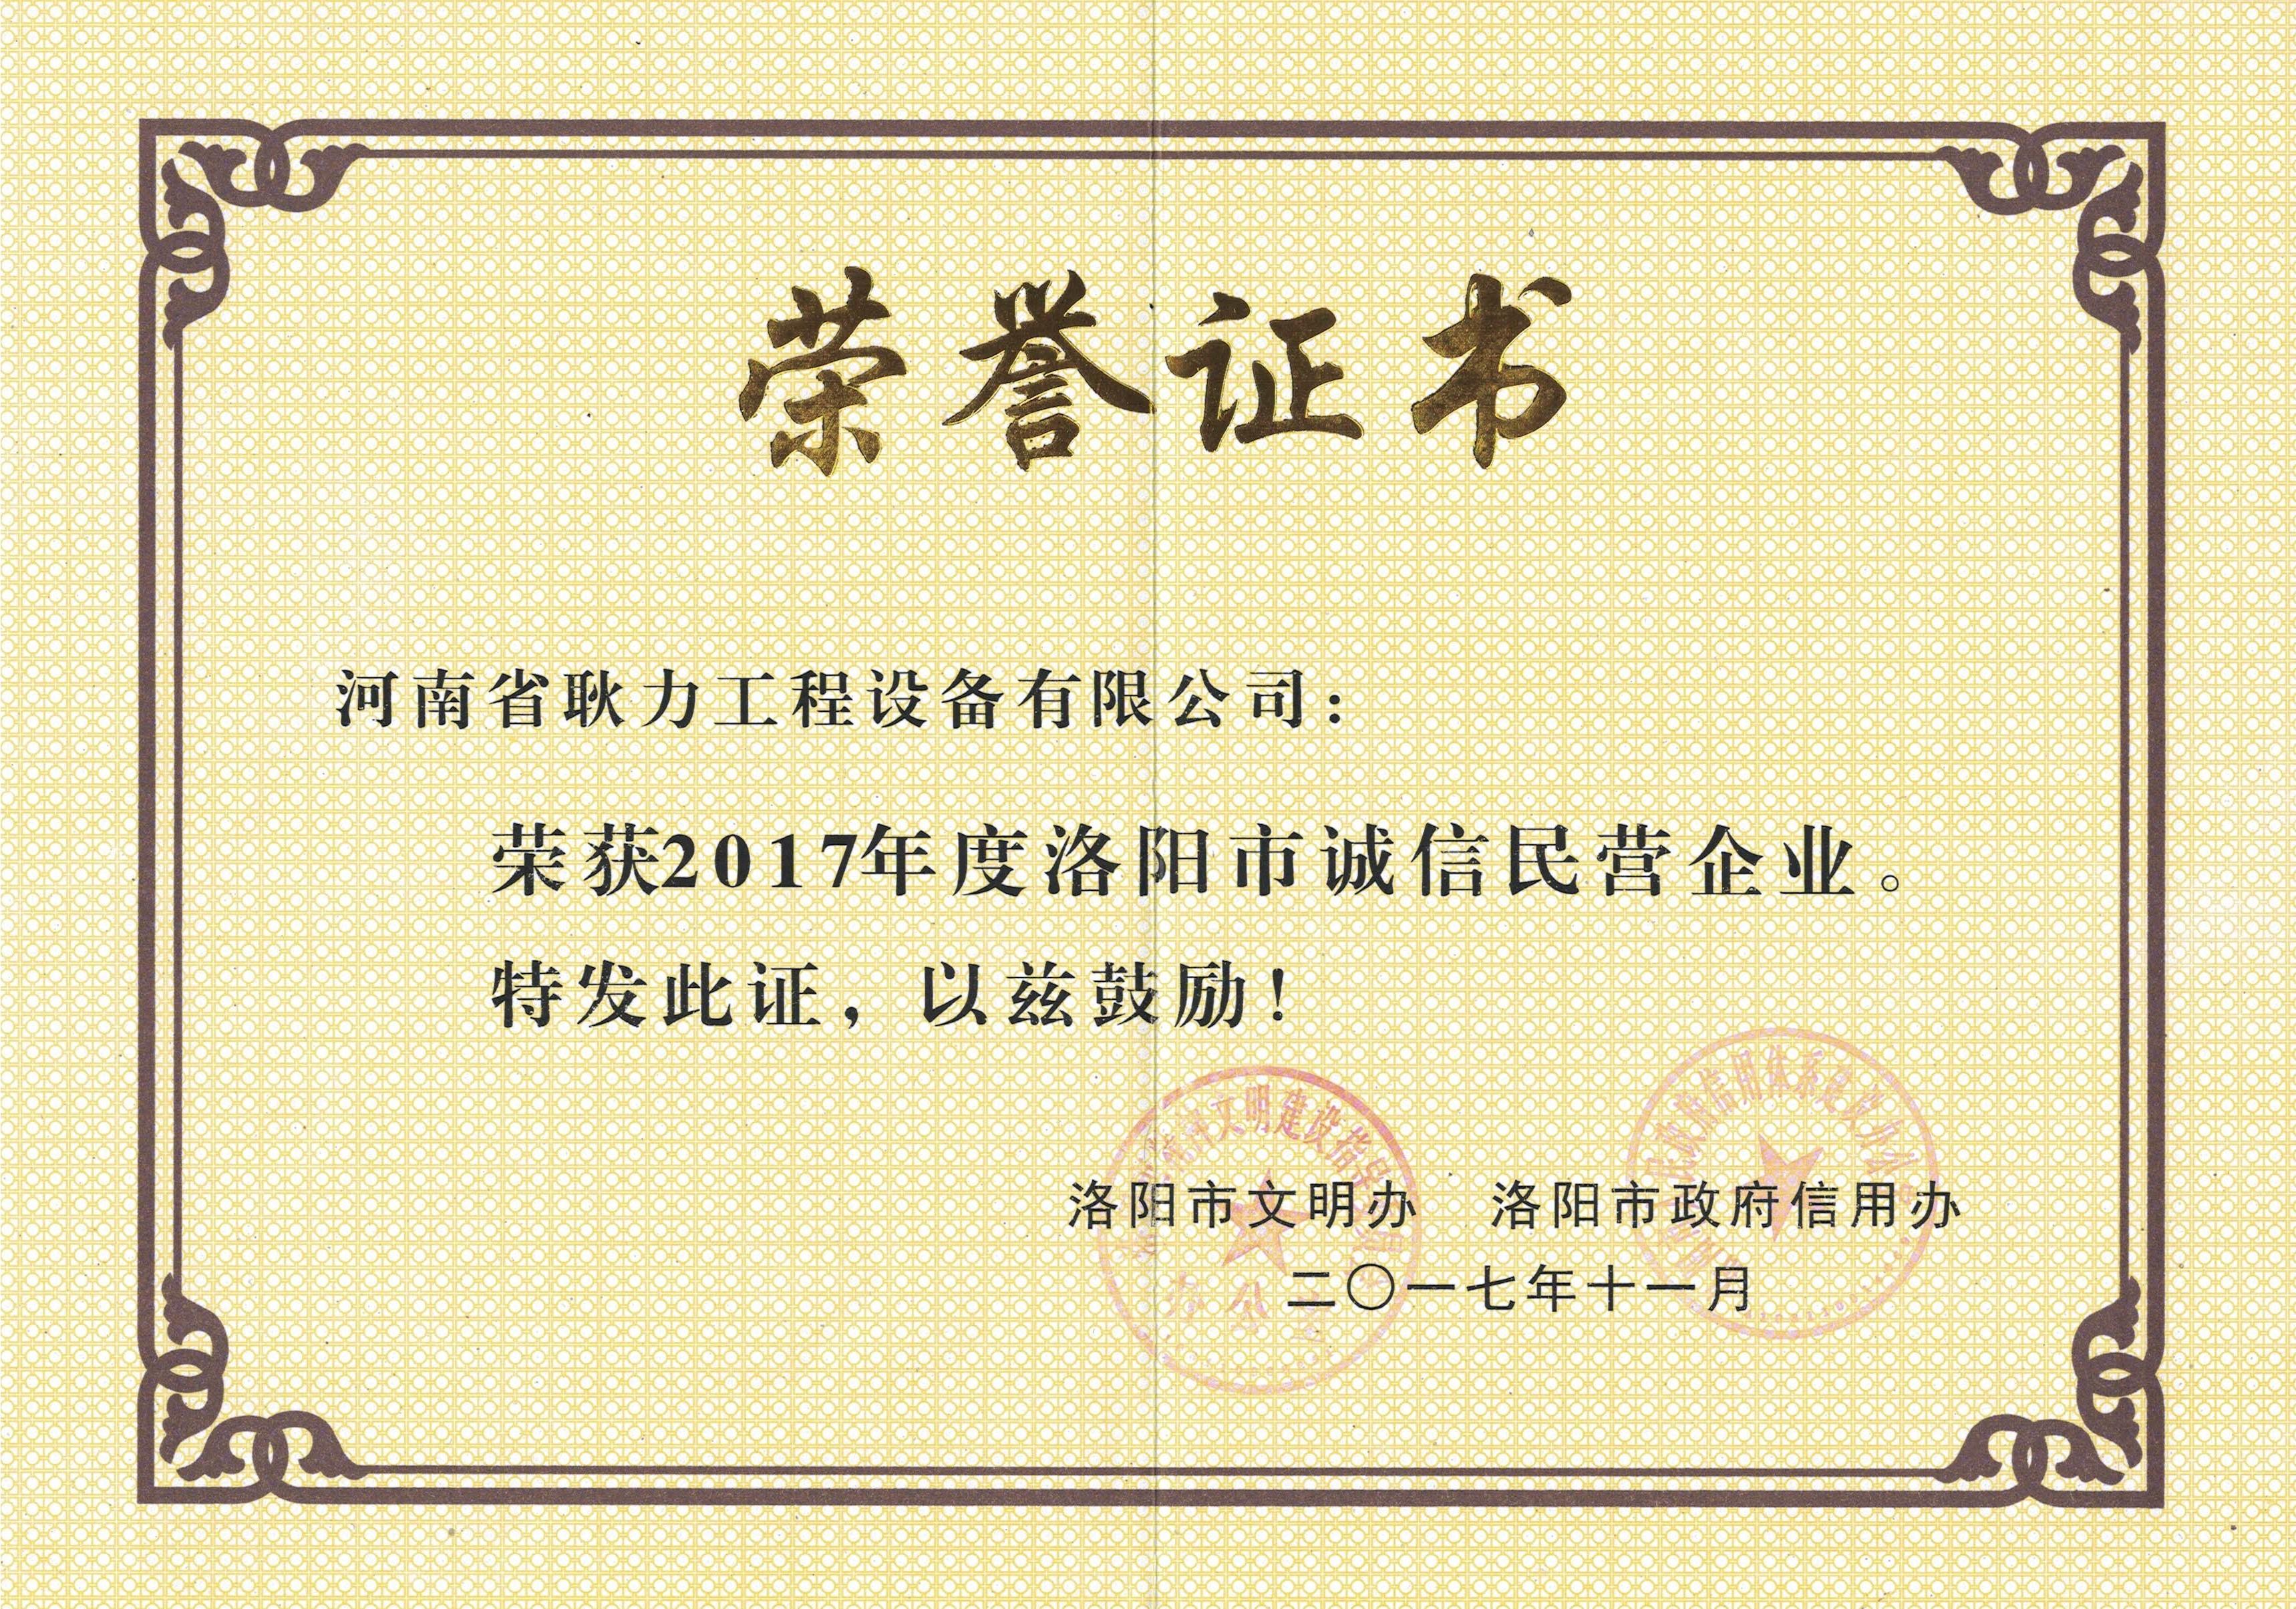 诚信民营企业.jpg